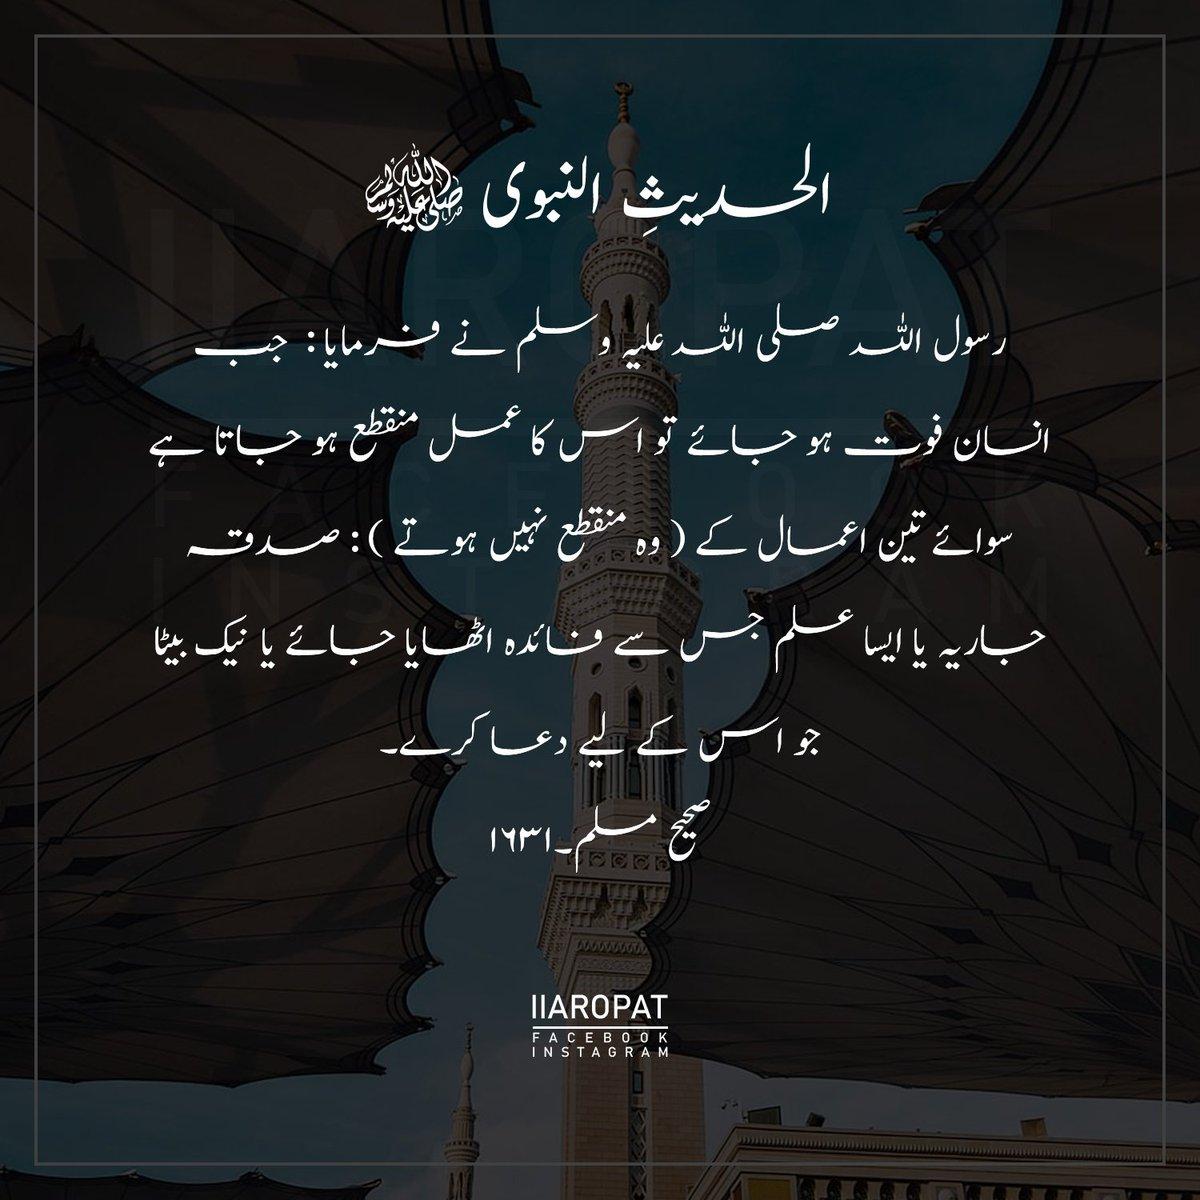 Sahih Muslim: 1631 . @iiaropat . #hadiths #hadeesoftheday #hadith #hadith4_life #hadithoftheday #hadithreminder #messengerofallah #allah #hadithquotes #ENGvsIND #ENGvNZ #NationalT20Cup #big3 #BreakingNews #منگنی_مبارک_مریم #Inshallah #iiaropat